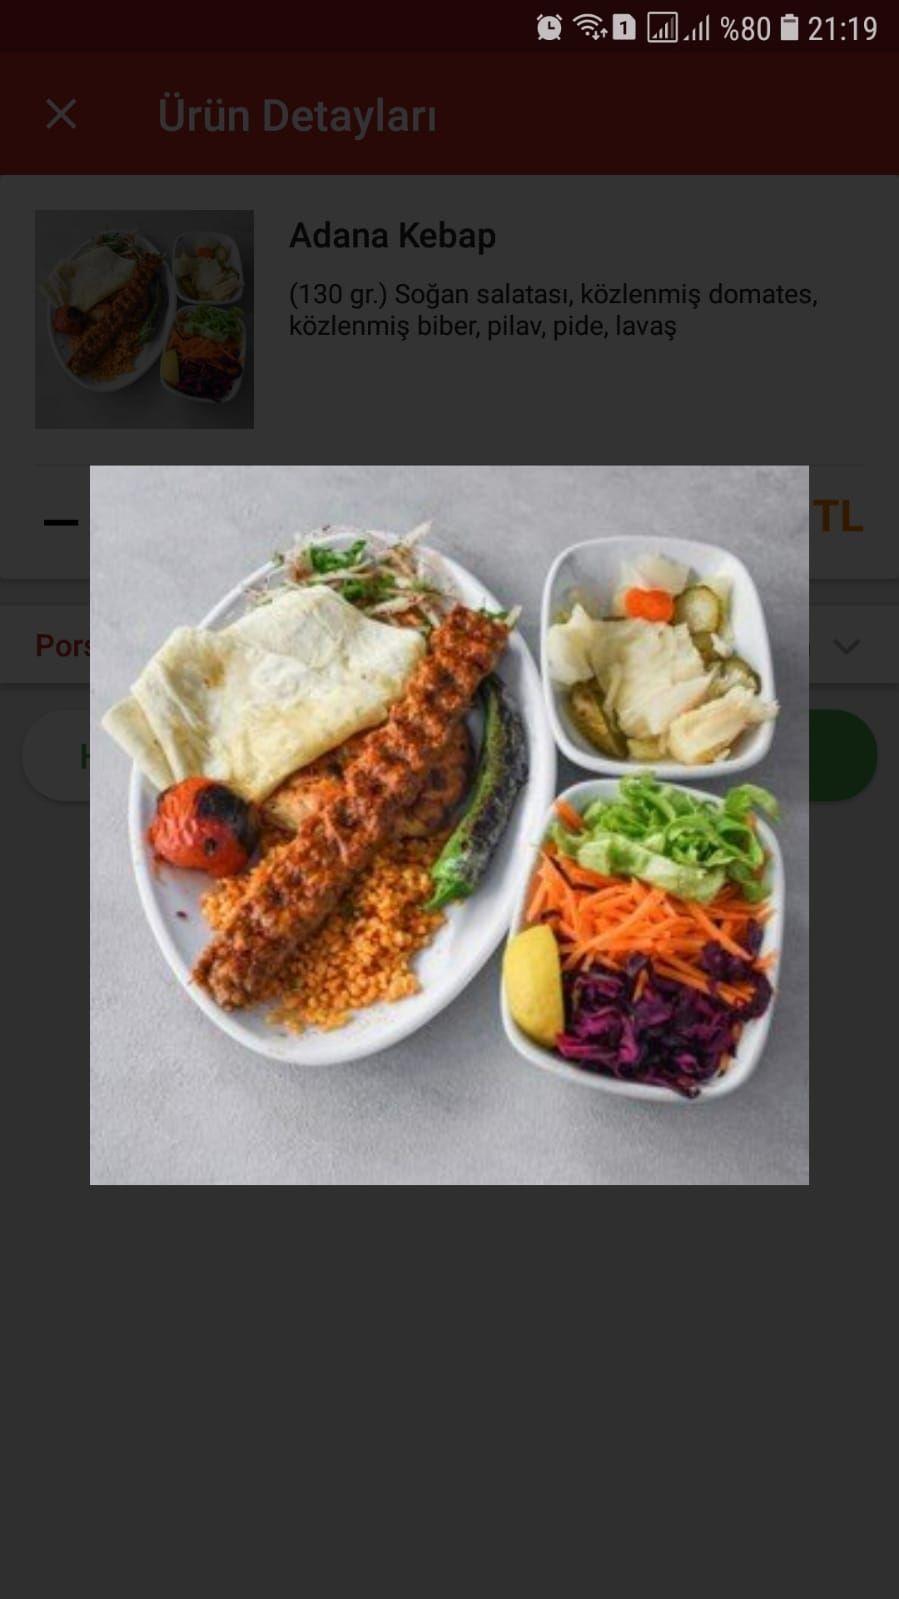 Uludağ Kebap Urfa Kebap (acısız) + Salata